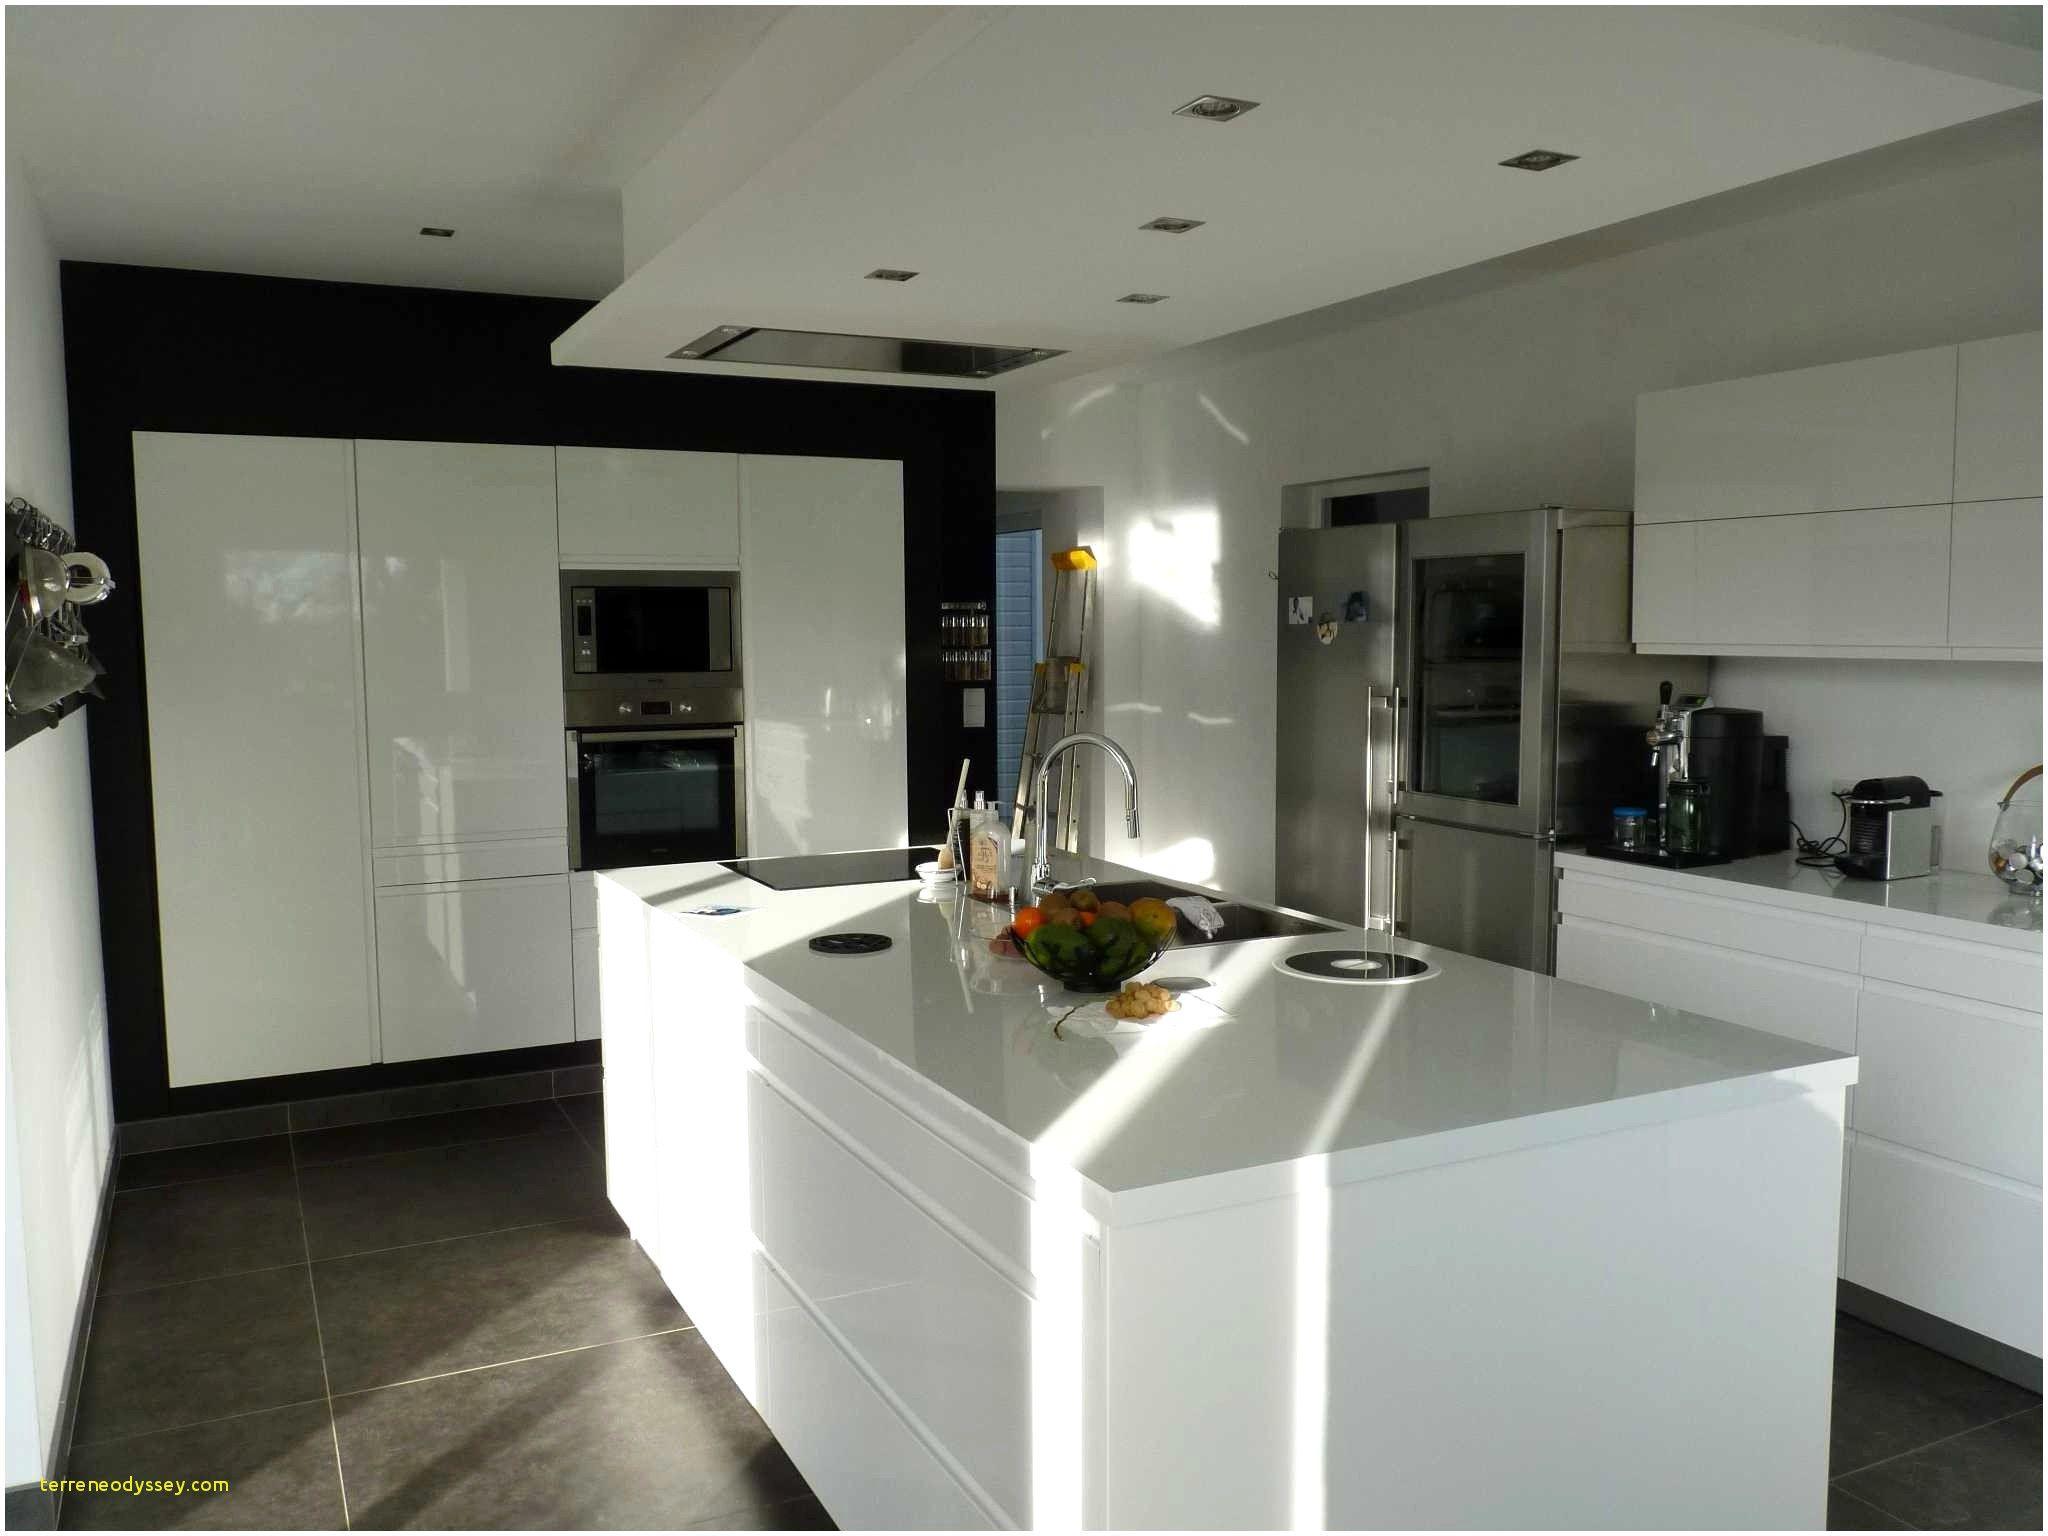 Elegant modele cuisine contemporaine avec ilot central id es de maison ilot cuisine plan - Ilots central de cuisine ...